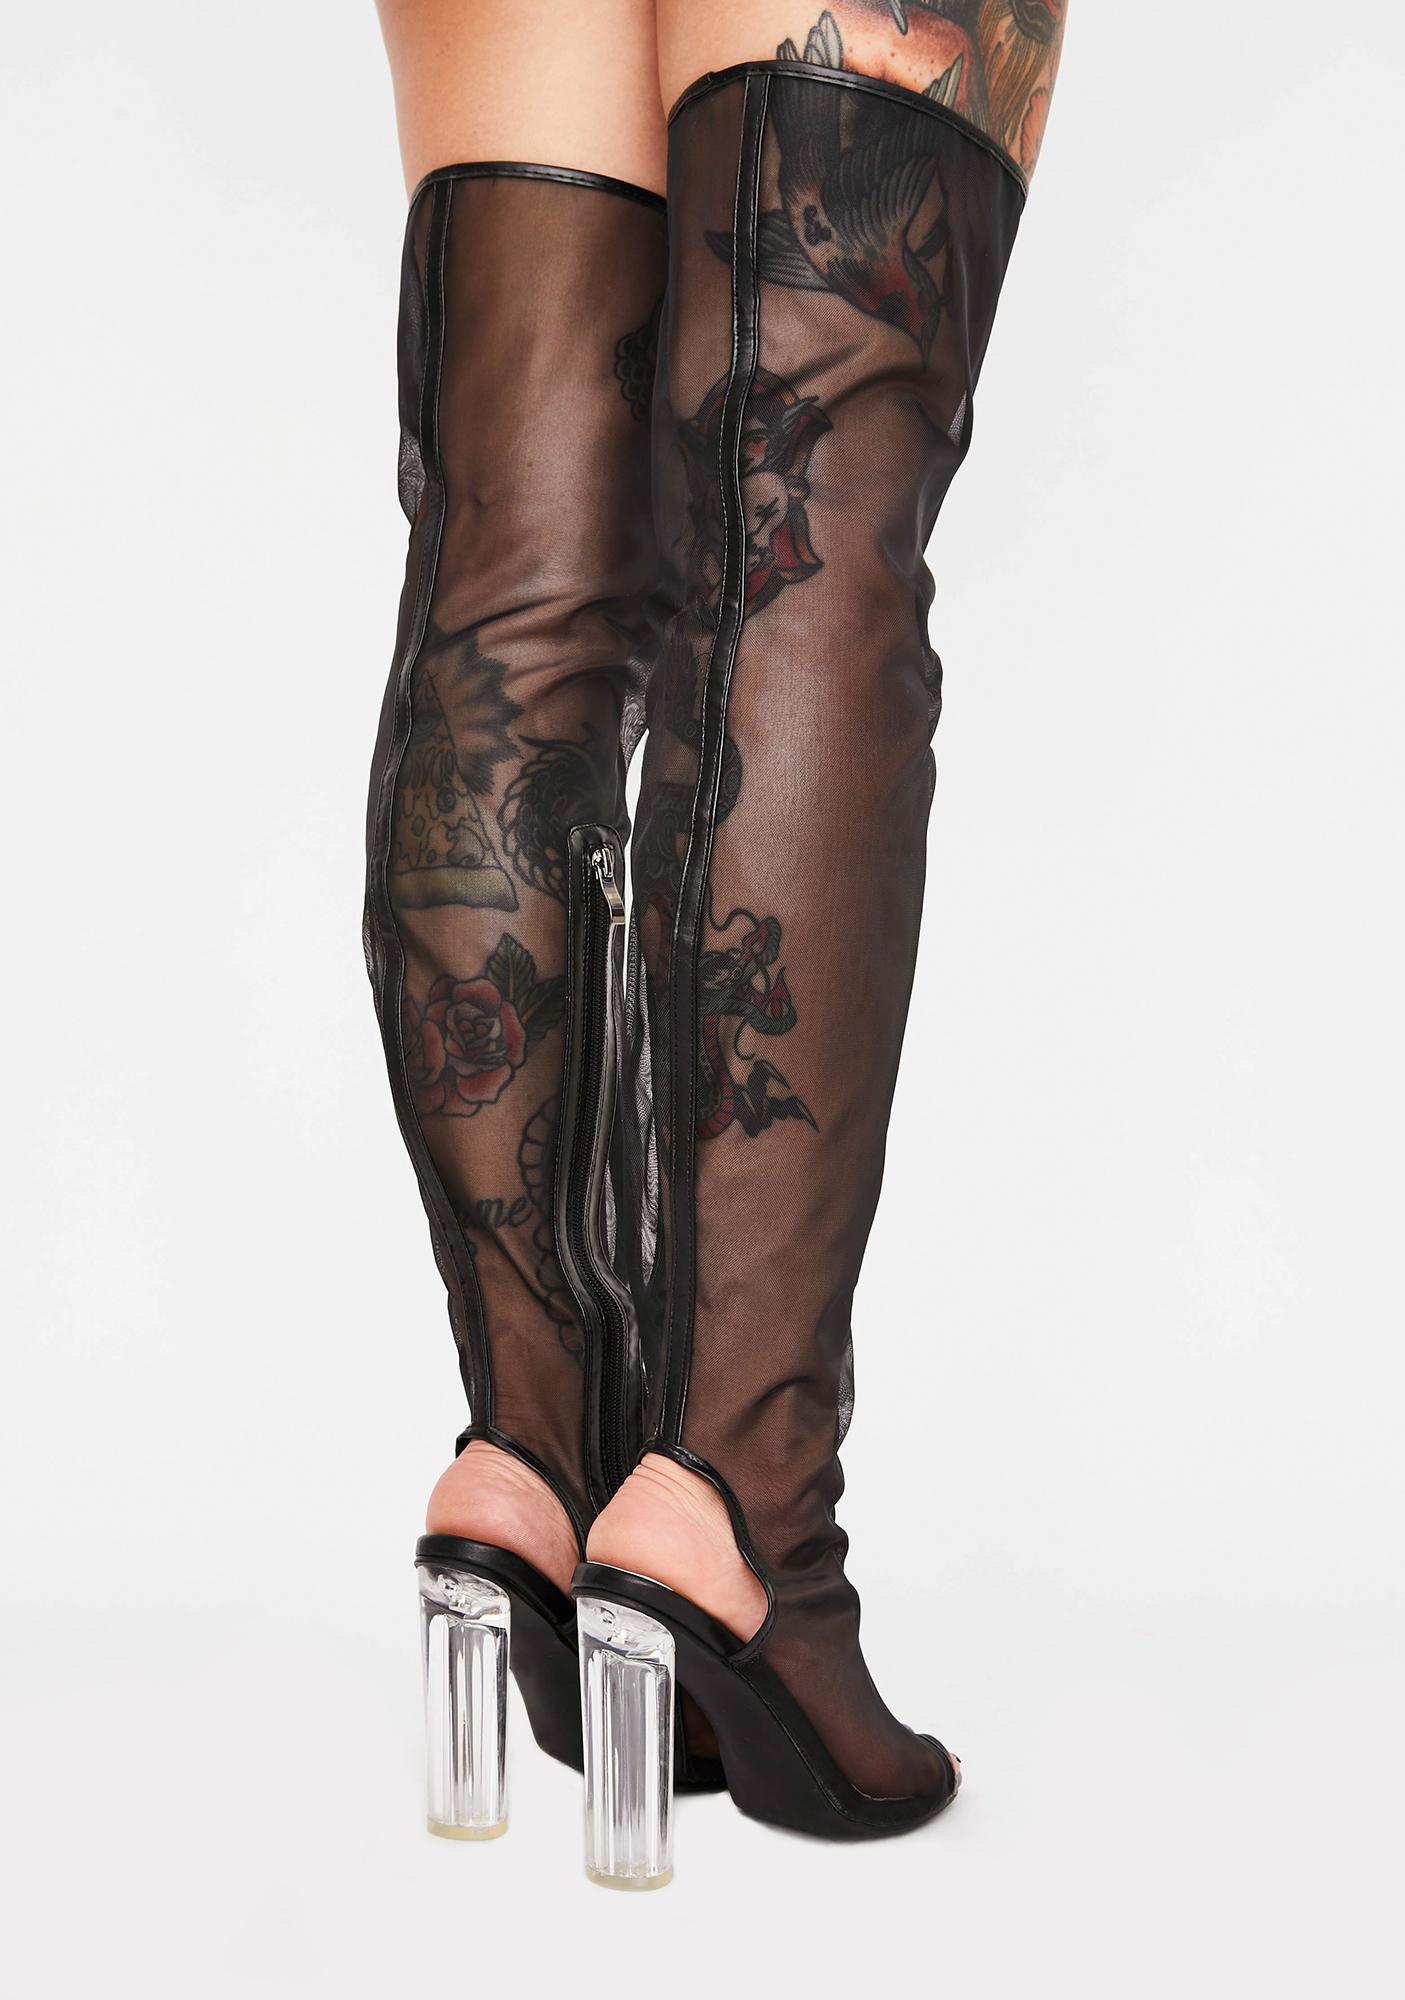 Impure Drama Shield Thigh High Boots